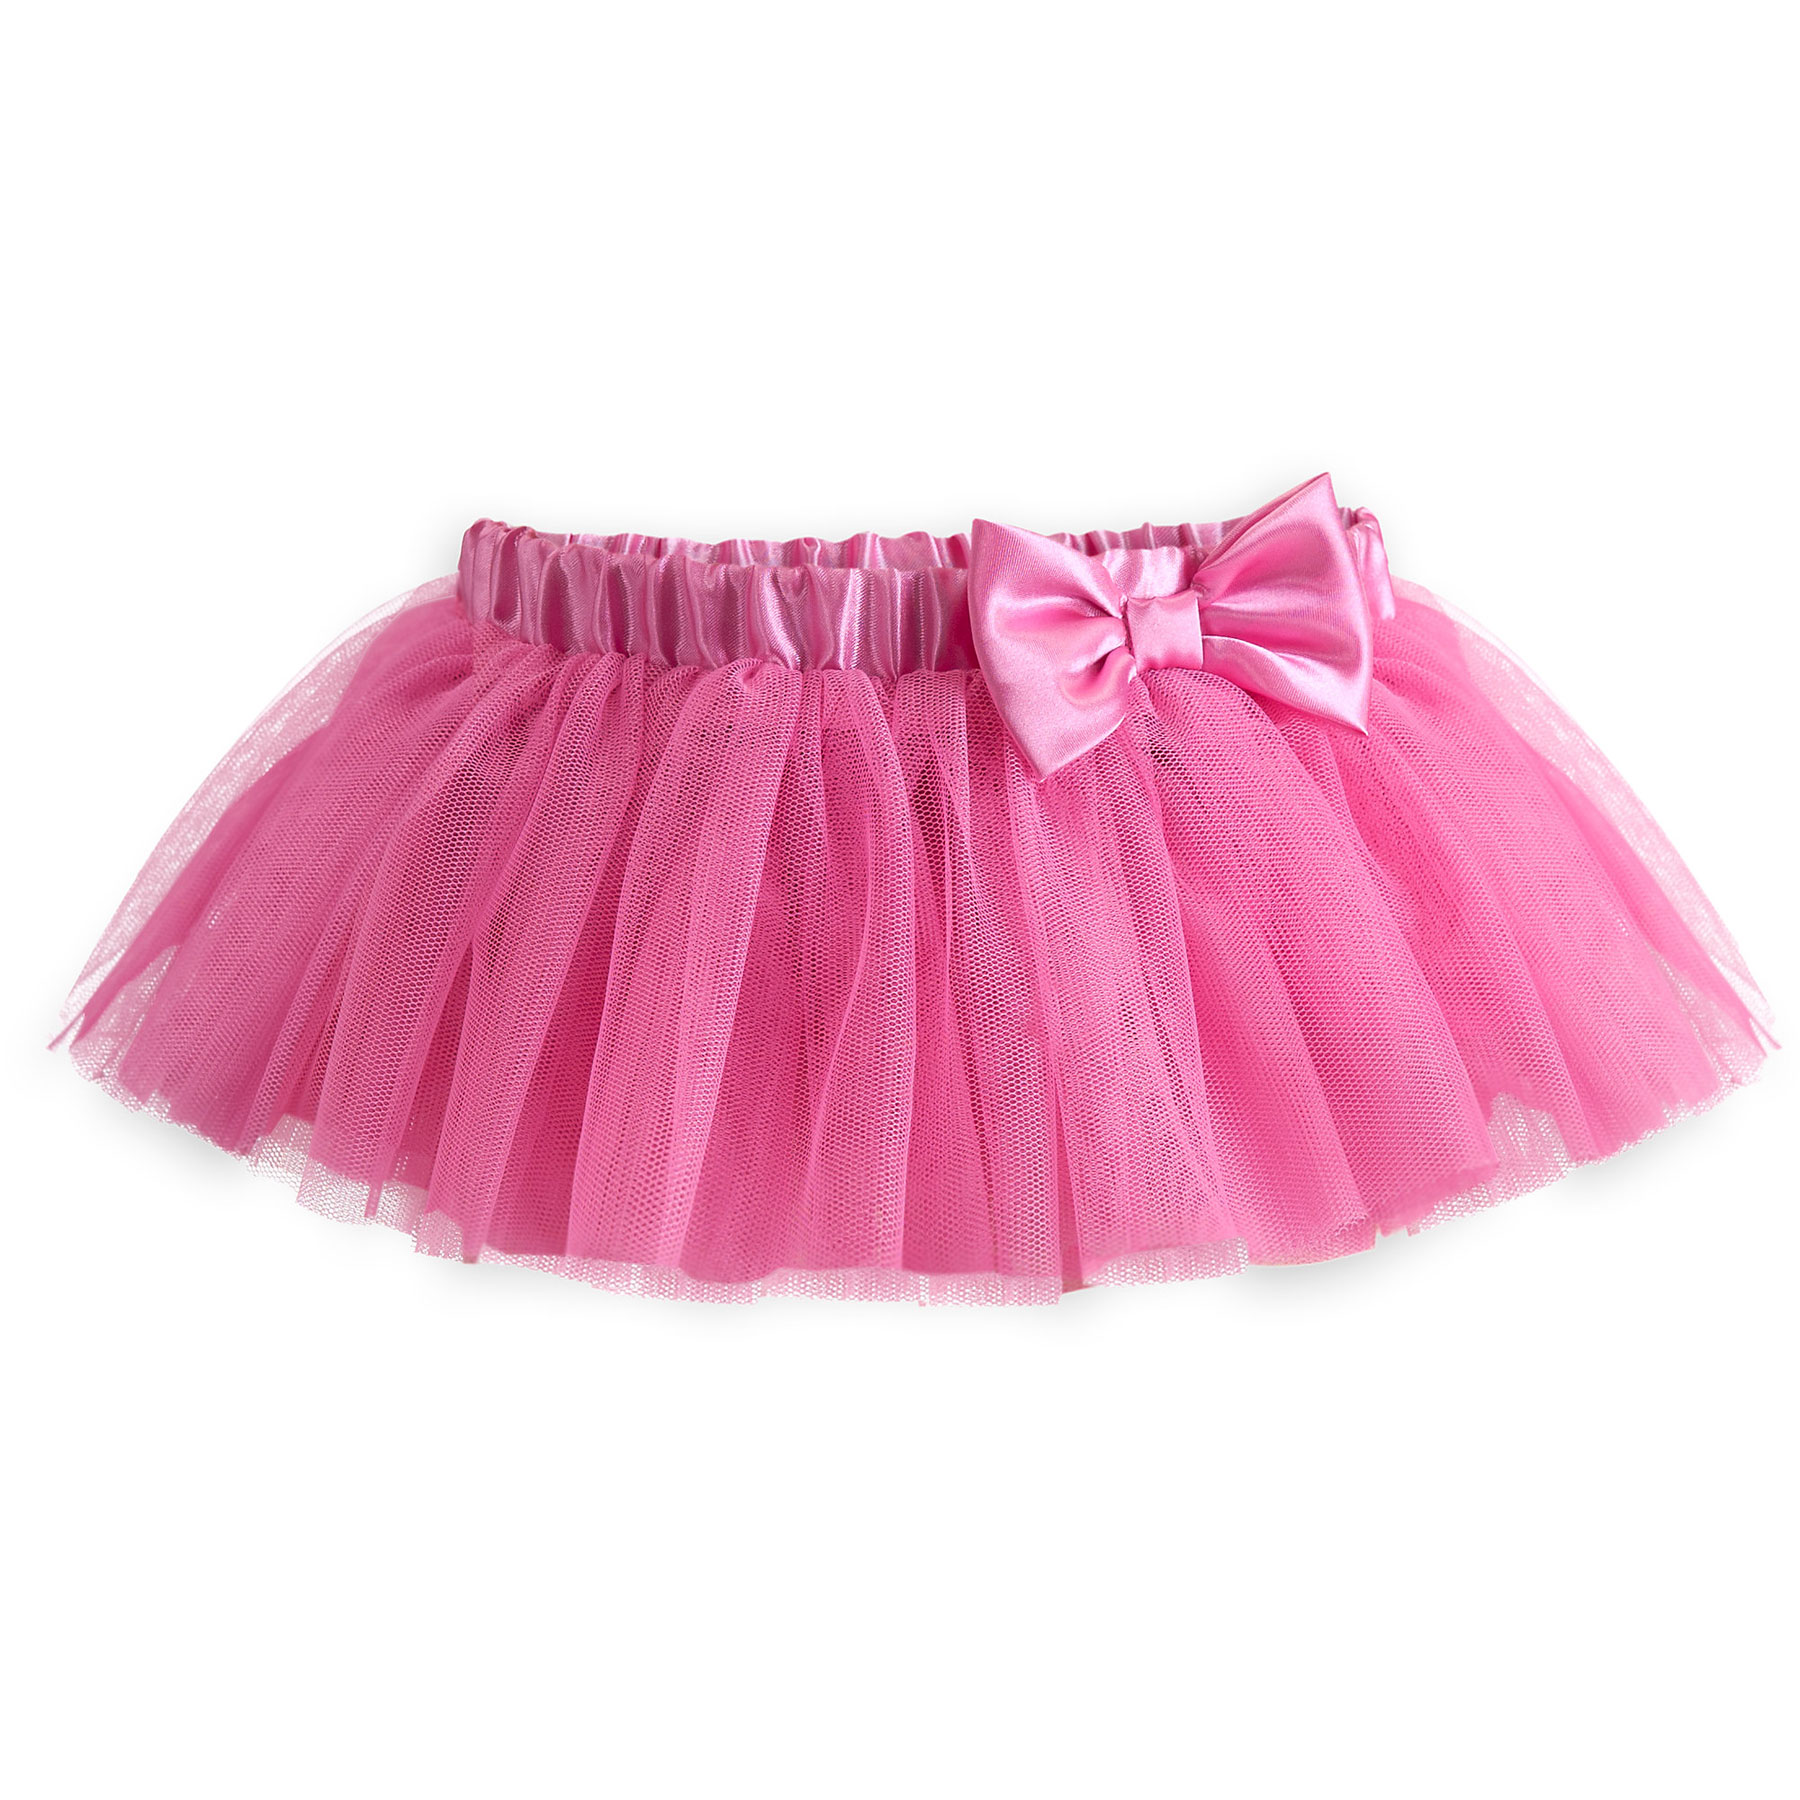 Gift 31 – Real Men Wear Pink Tutus | One Hundred Dangeruss ...